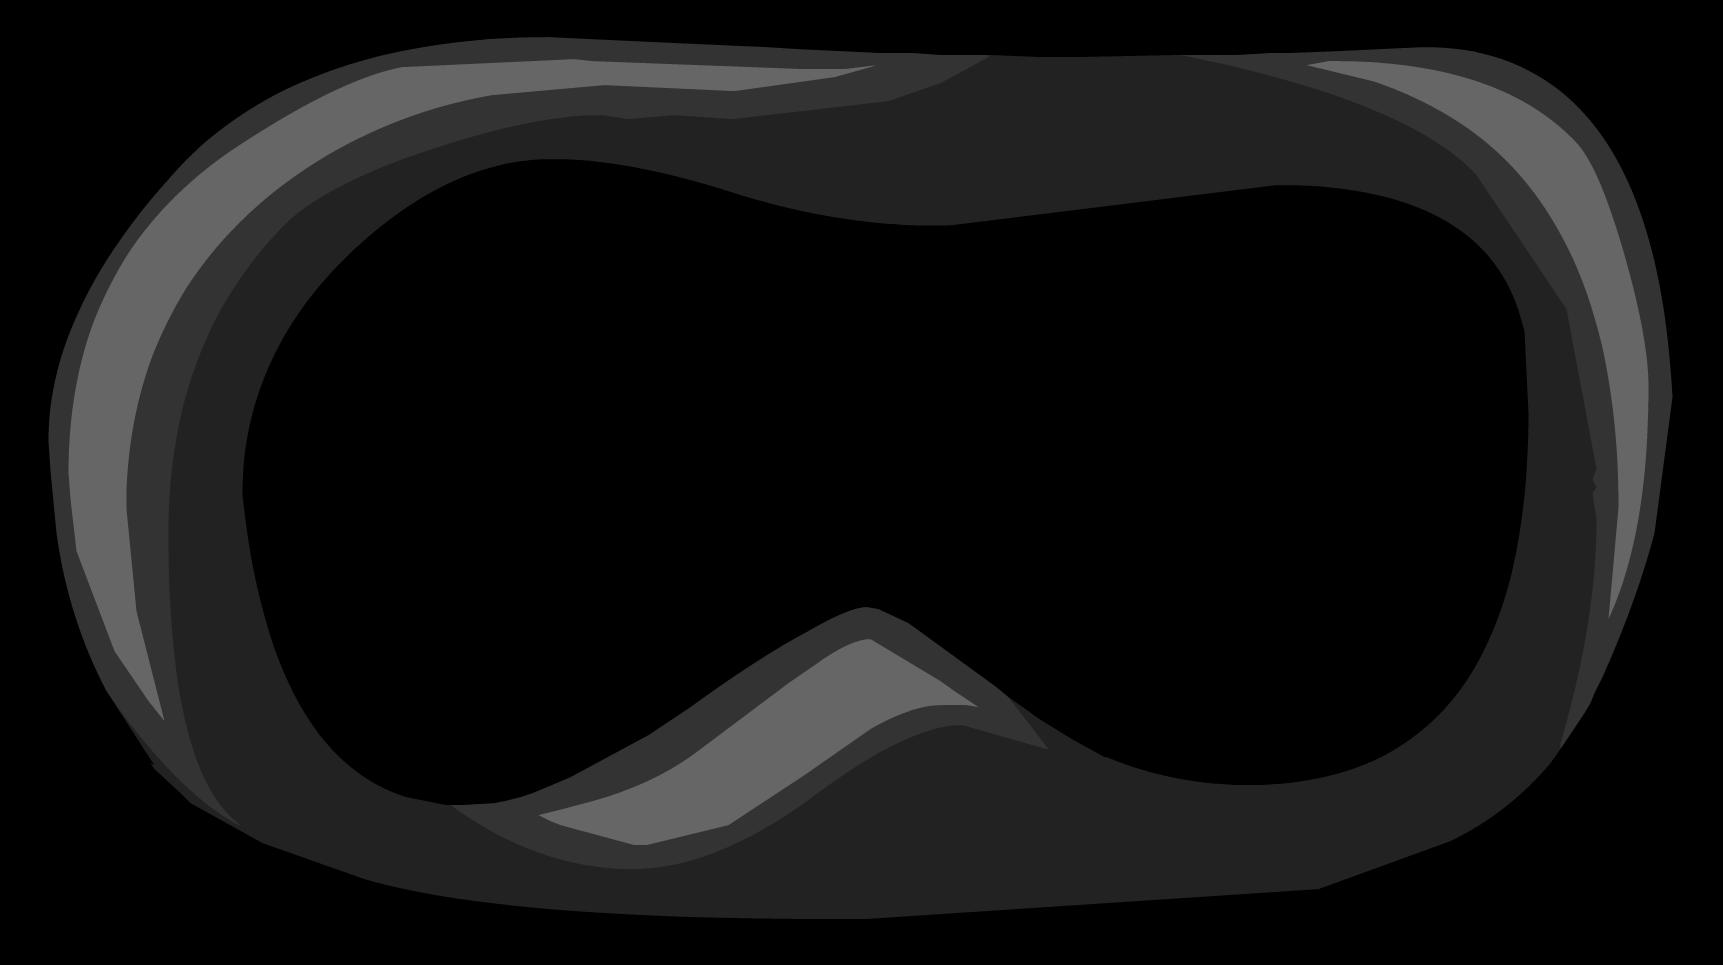 Club penguin wiki fandom. Goggles clipart swimming mask